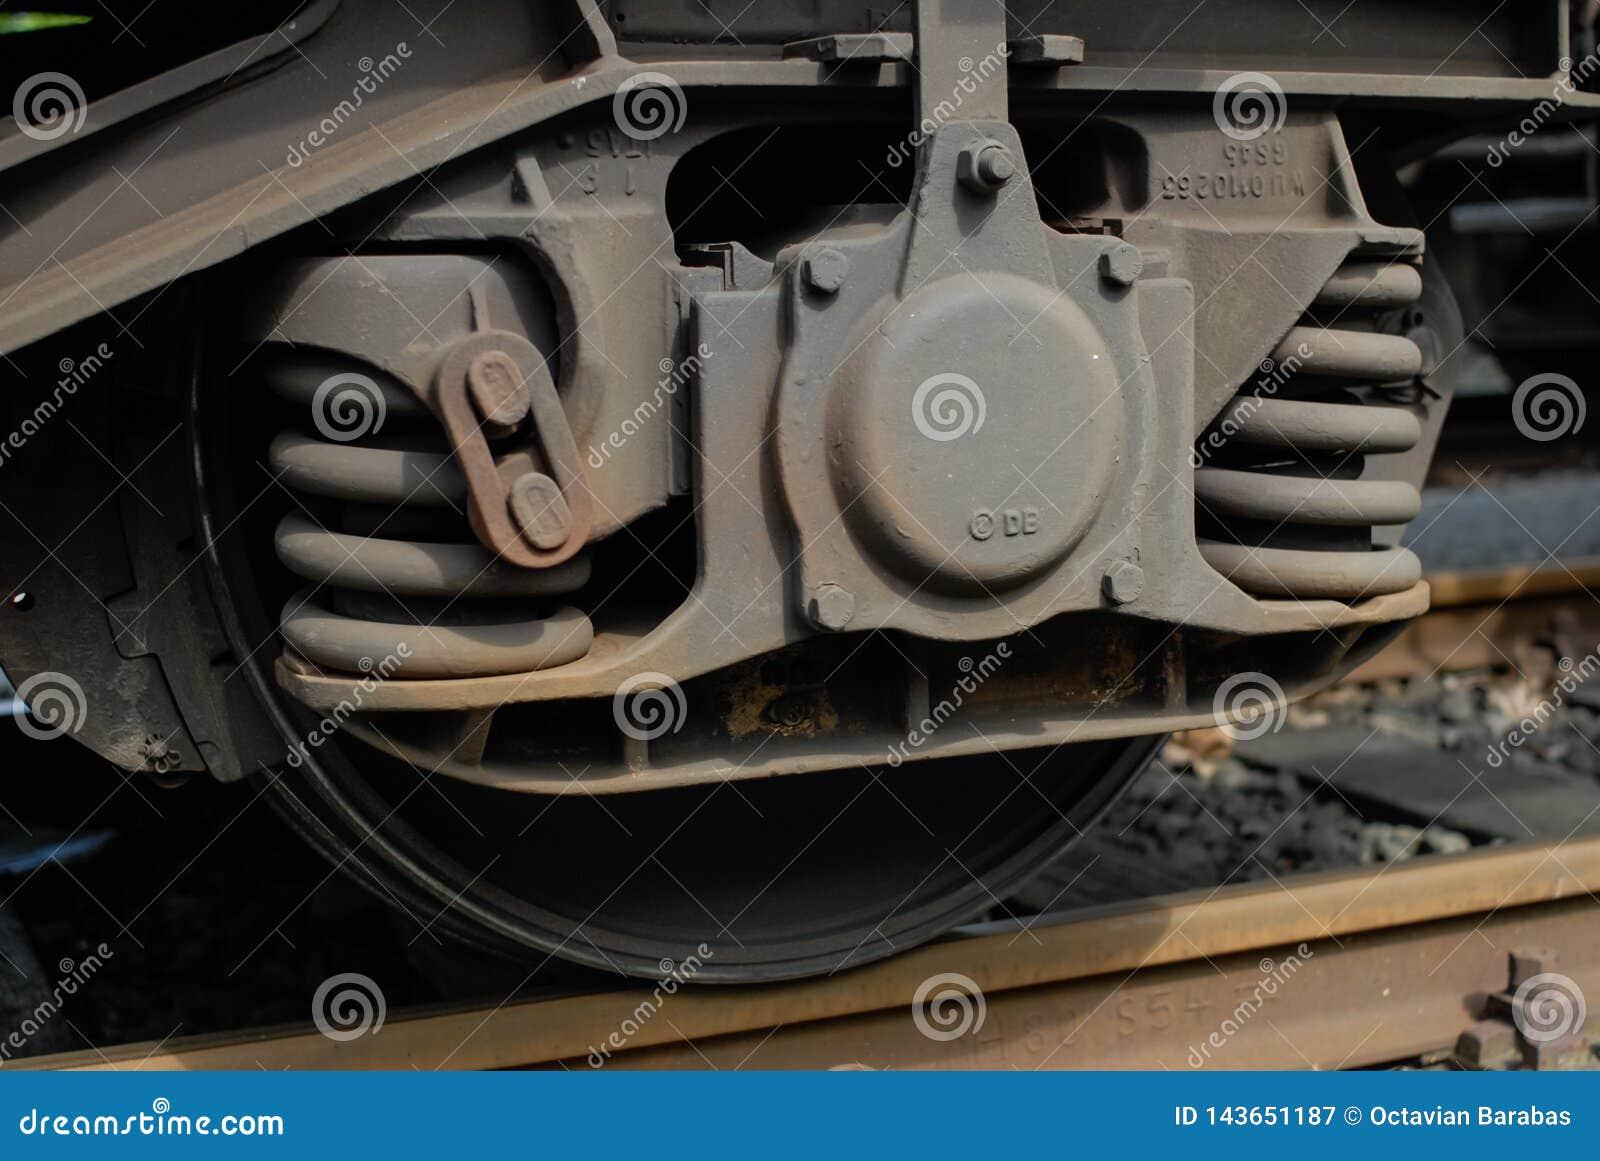 Acople das molas e das rodas no carro de trem